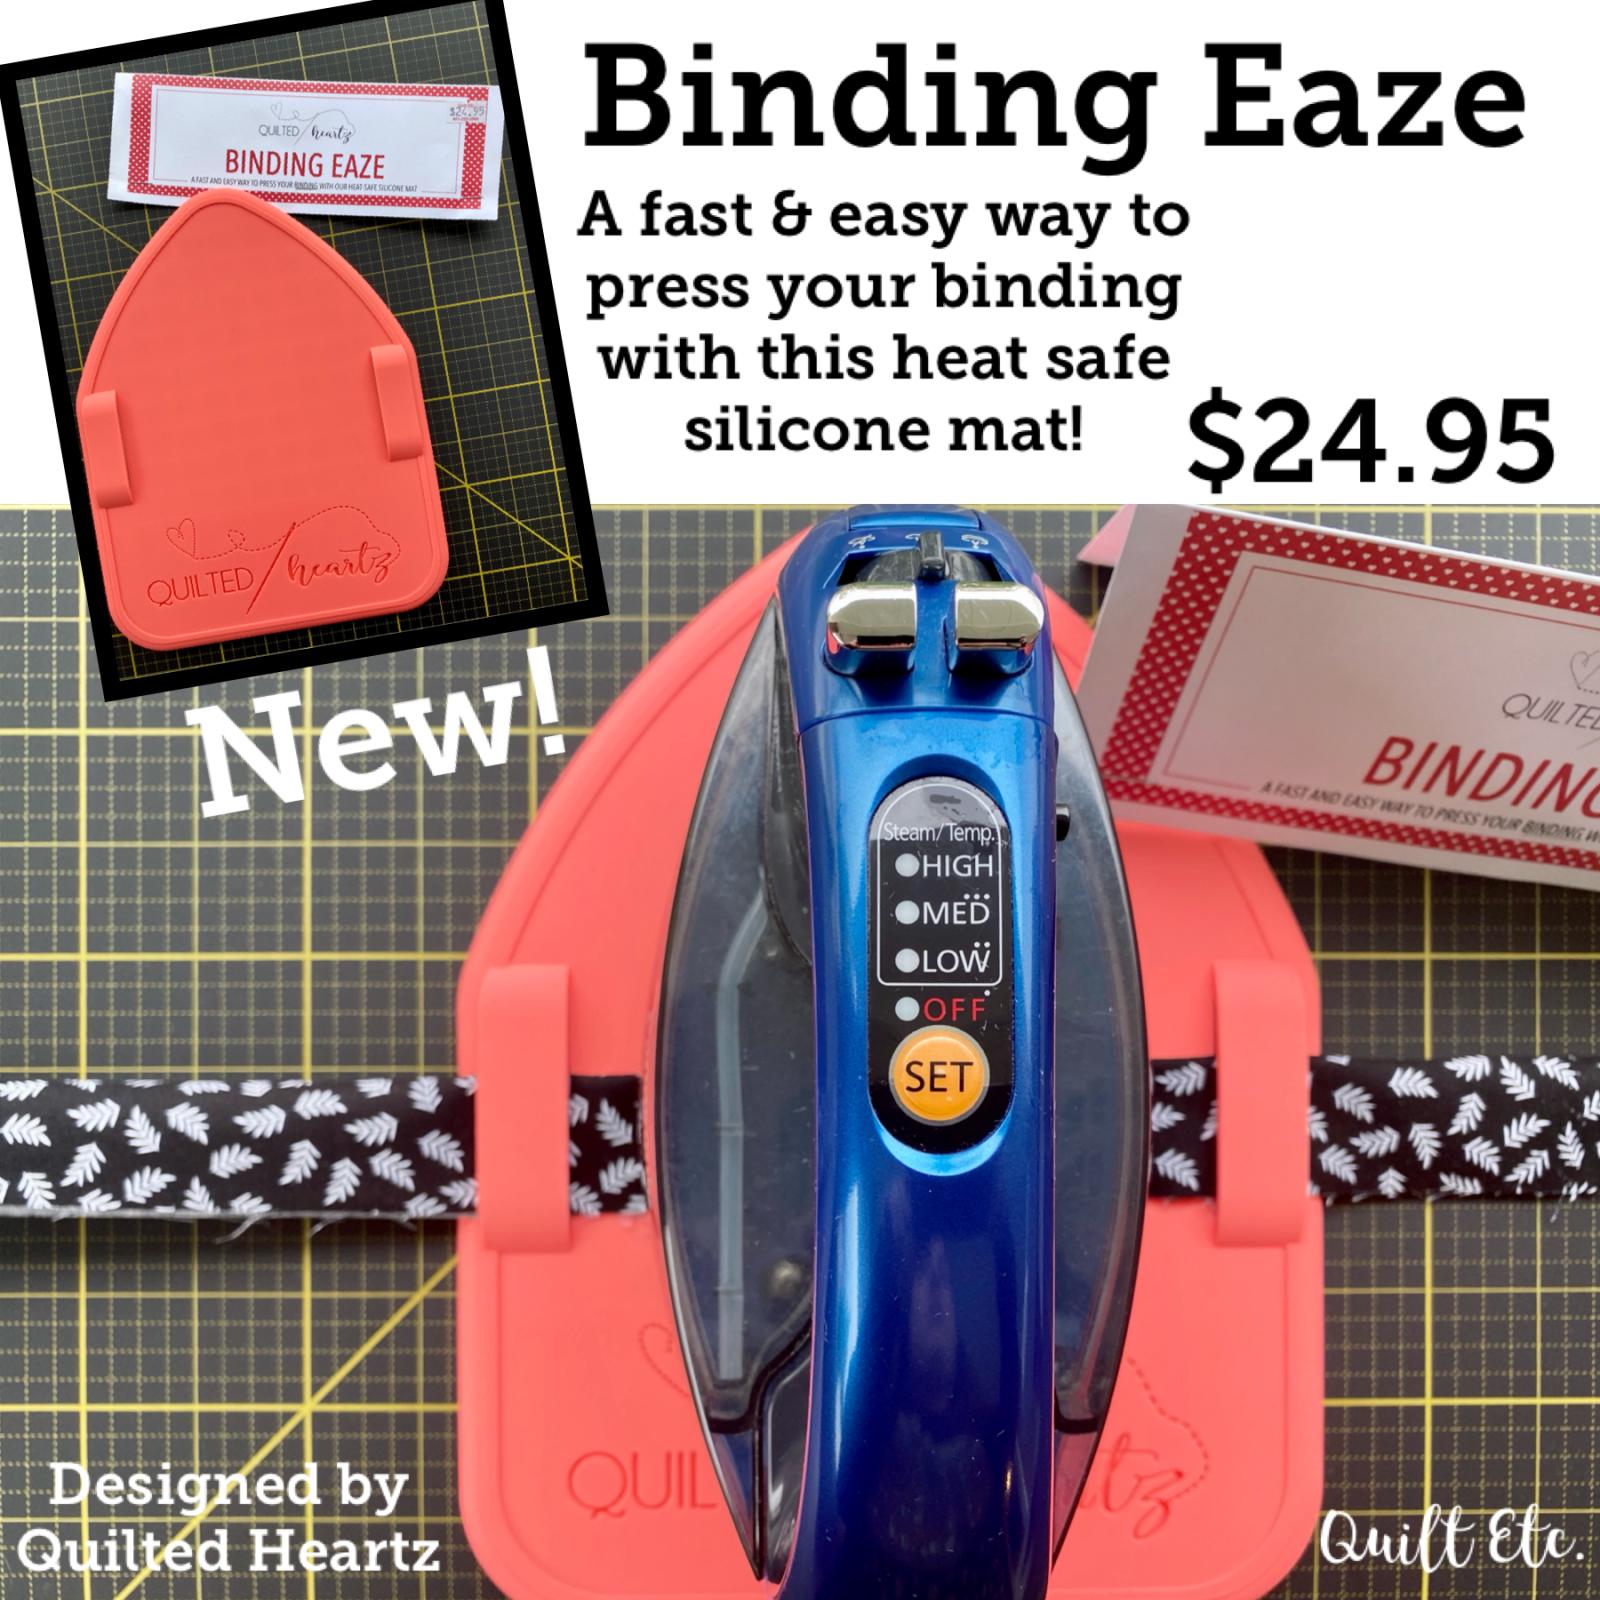 Binding Eaze